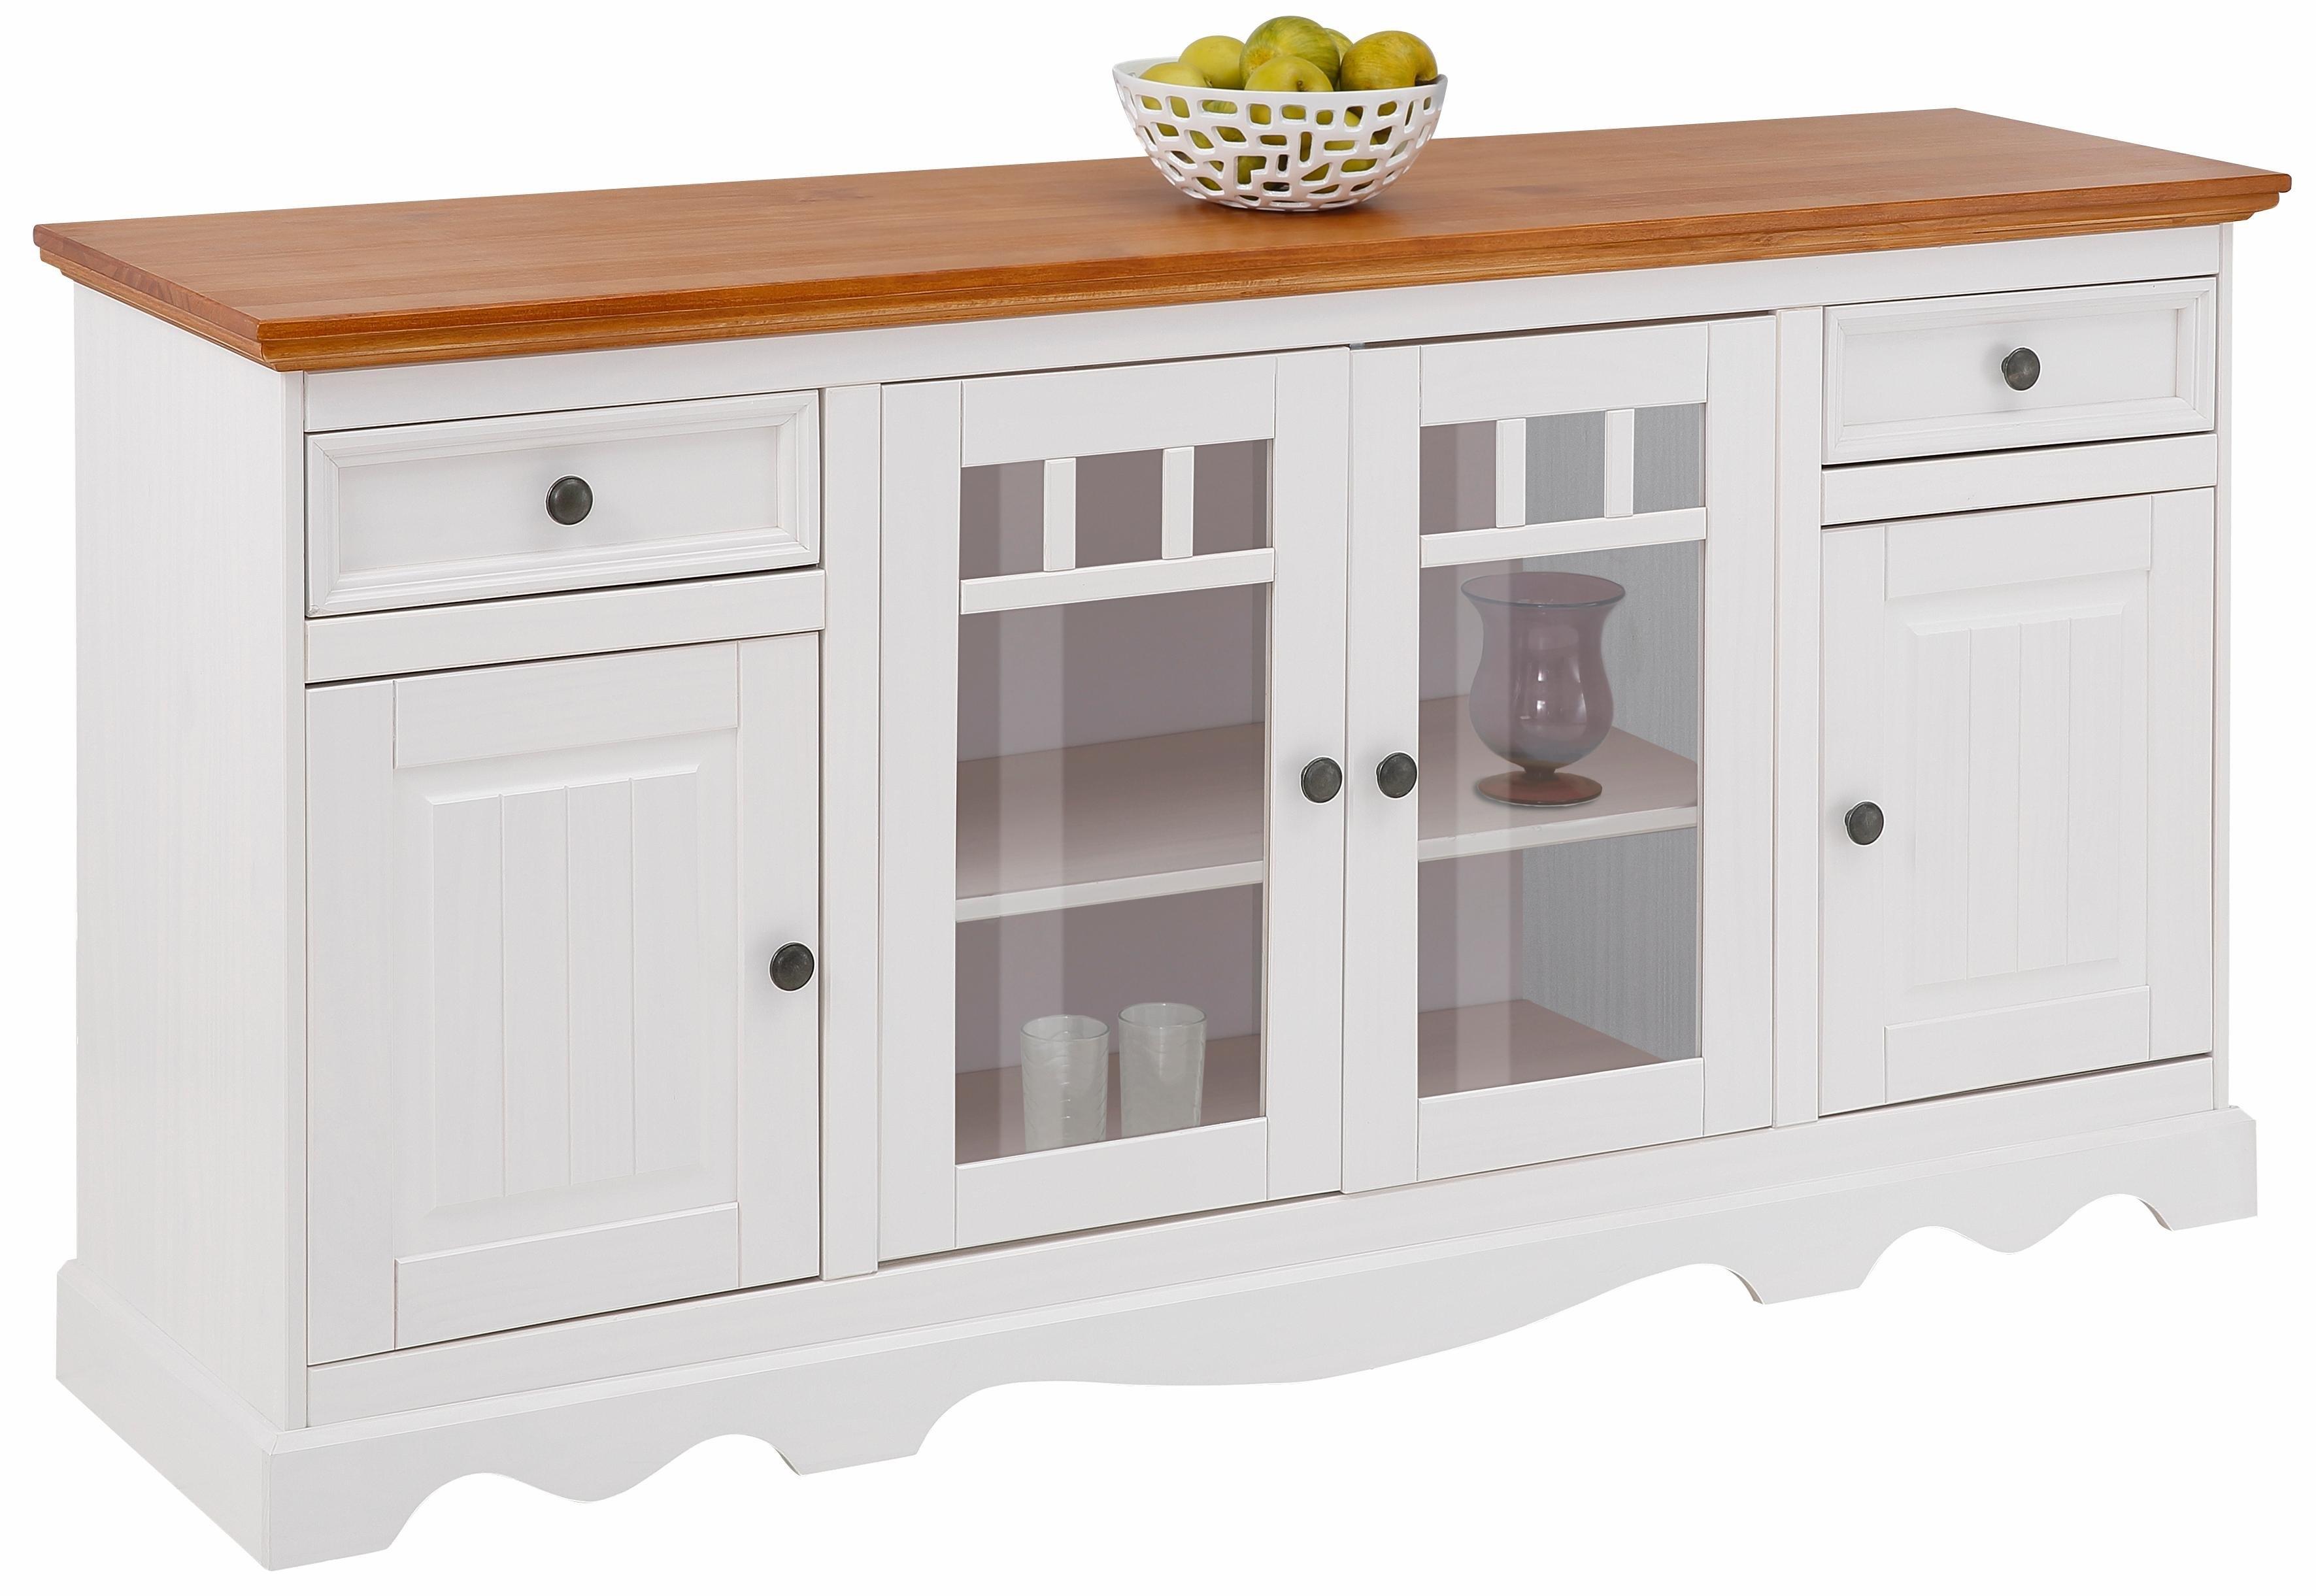 Home affaire dressoir »Melissa«, breedte 169 cm bestellen: 30 dagen bedenktijd